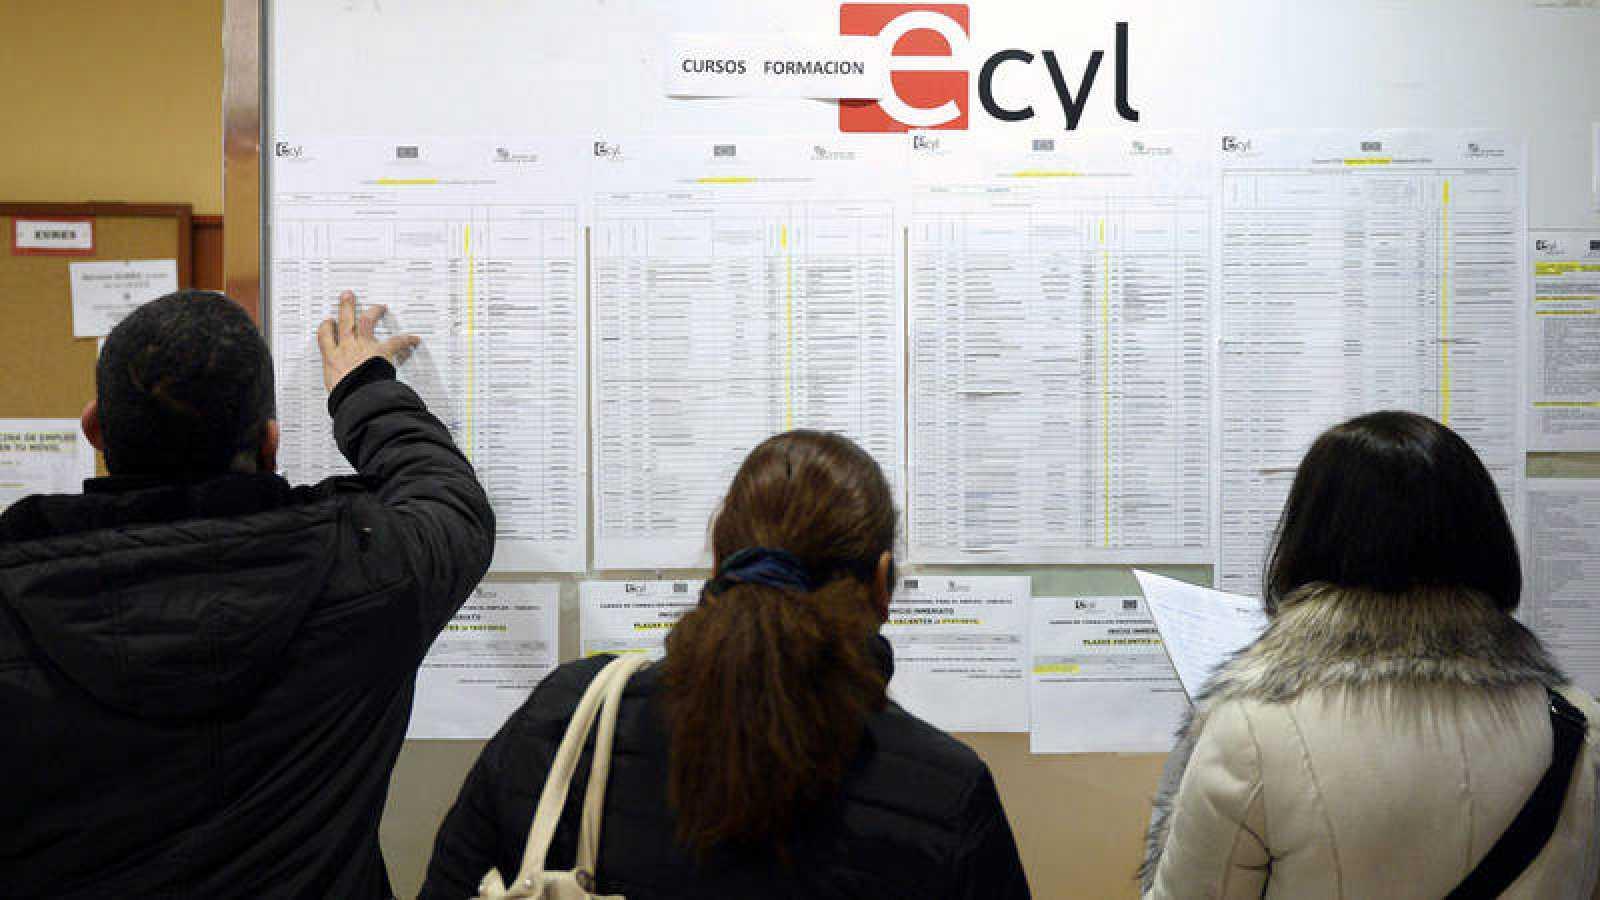 Tres personas consultan la información expuesta en una oficina de empleo de Valladolid.